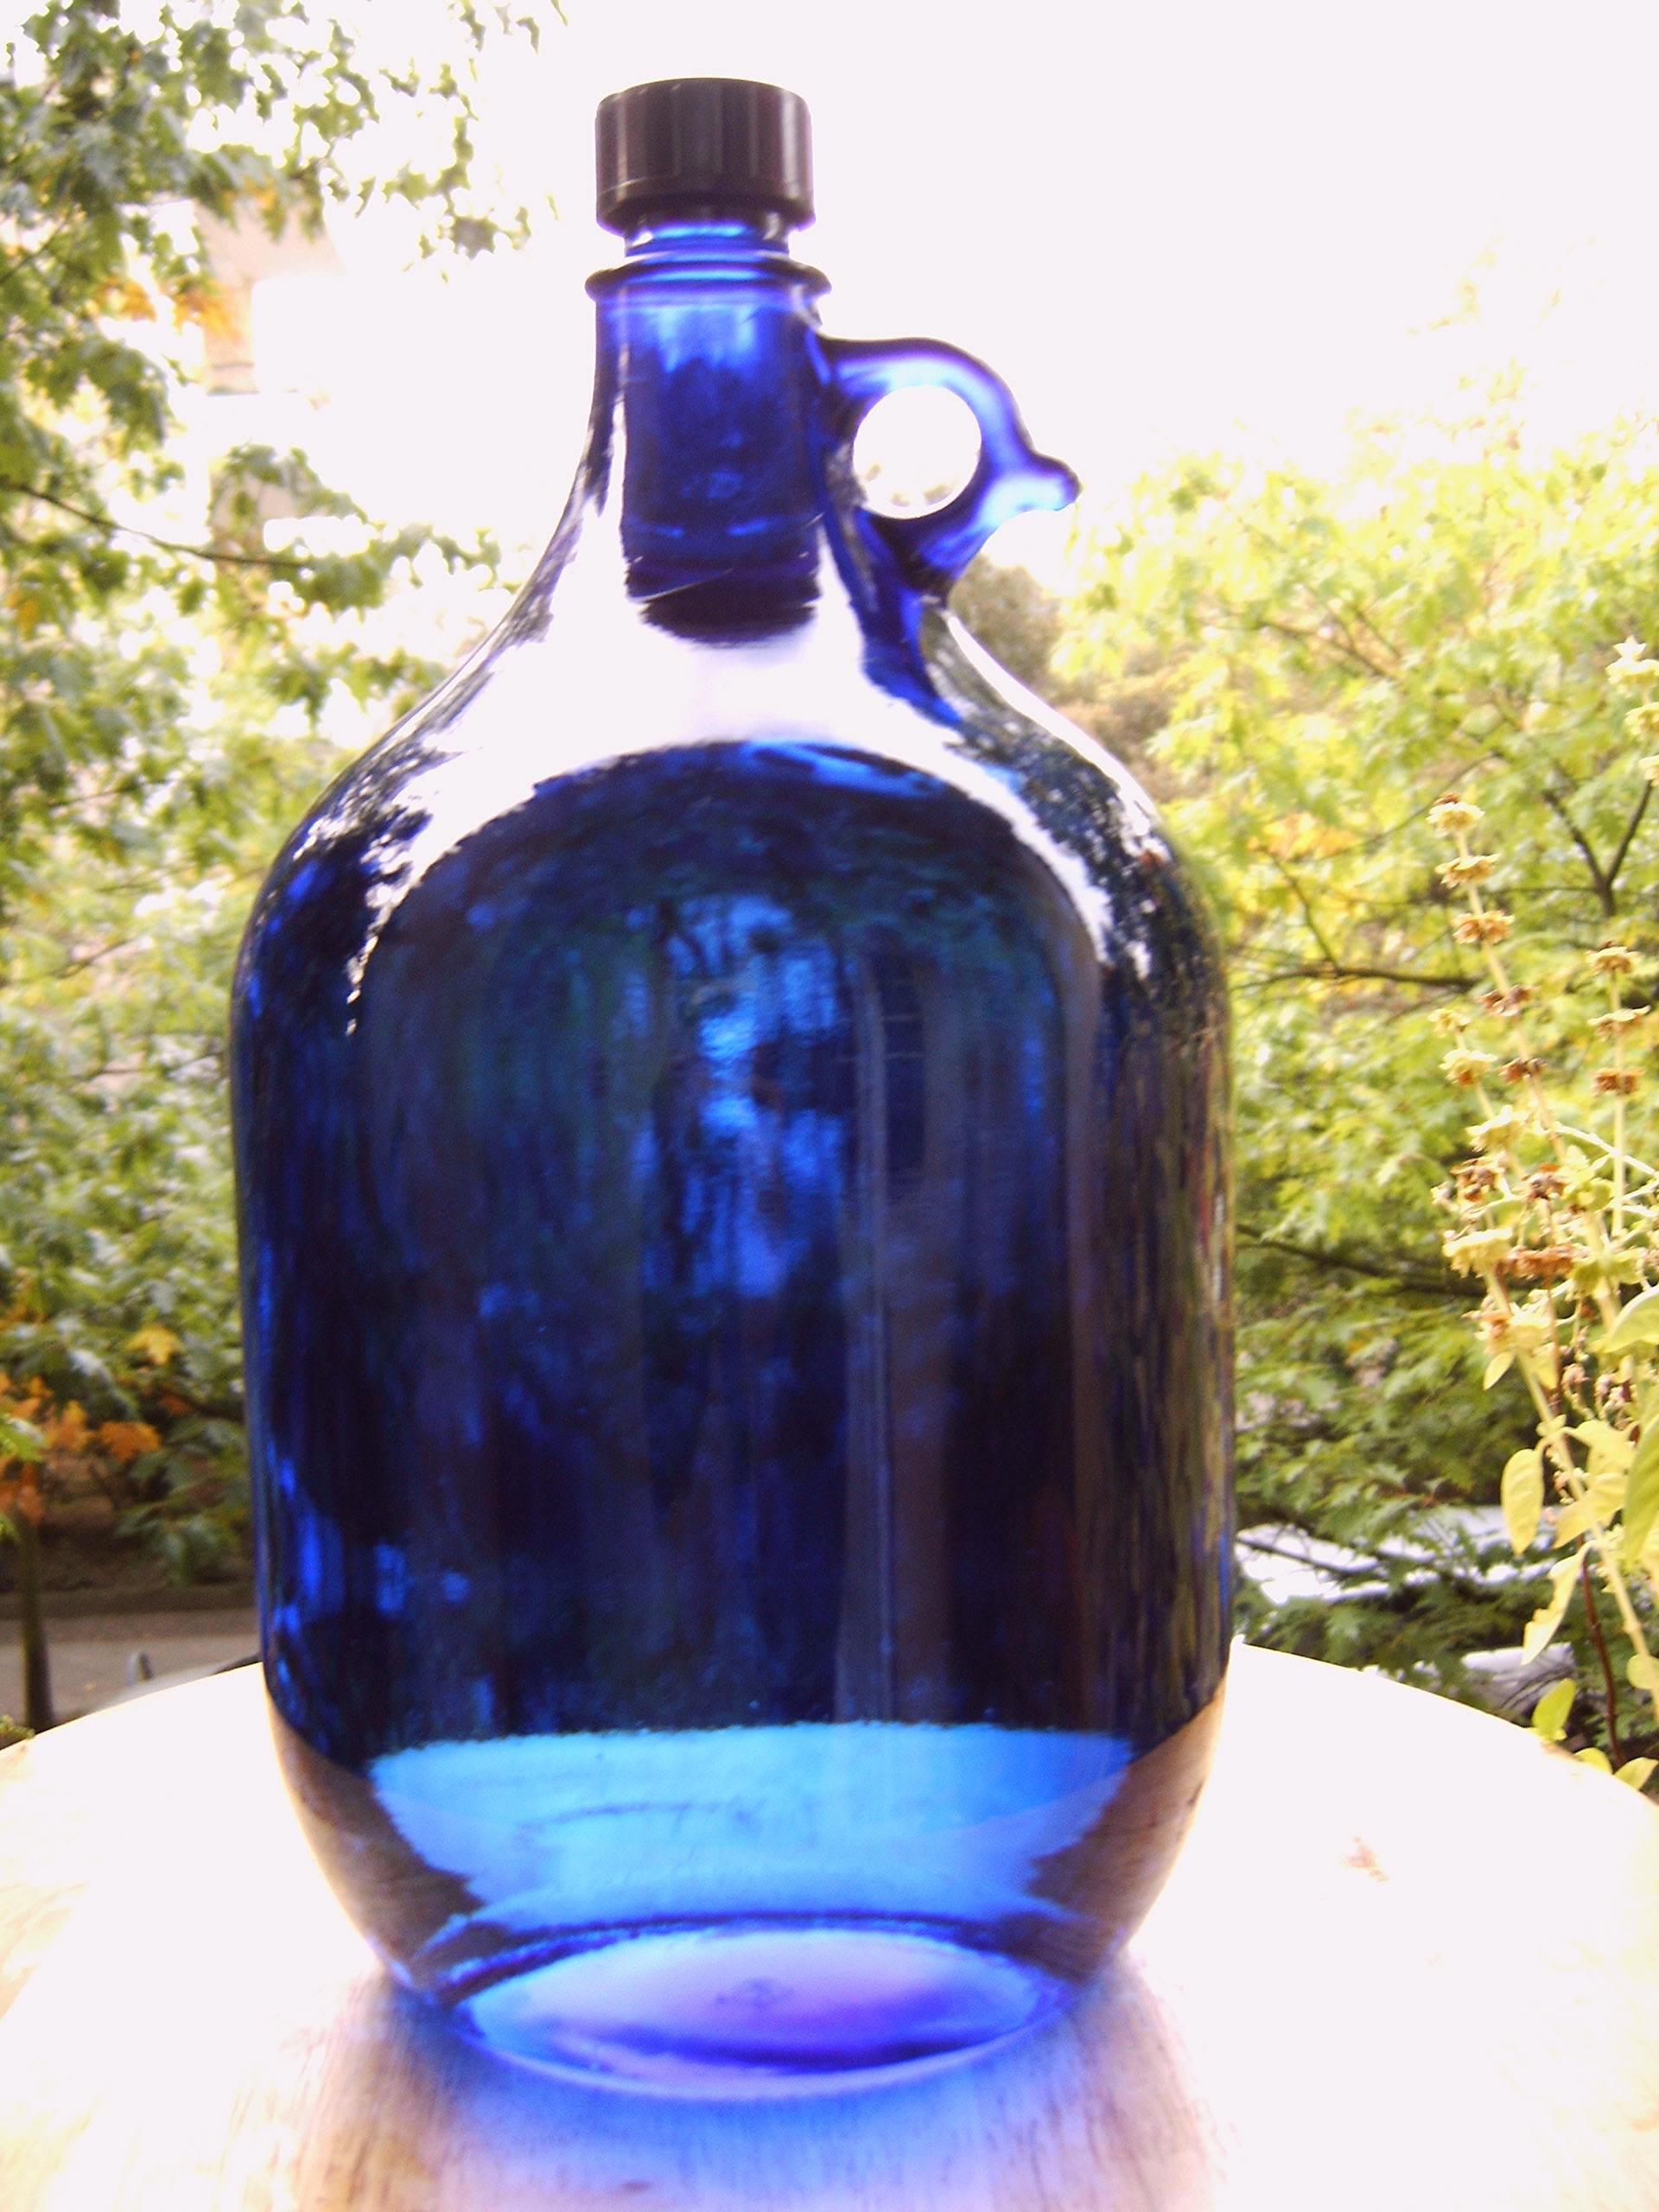 Conservar el agua en casa en botellas a base de vidrio de Murano